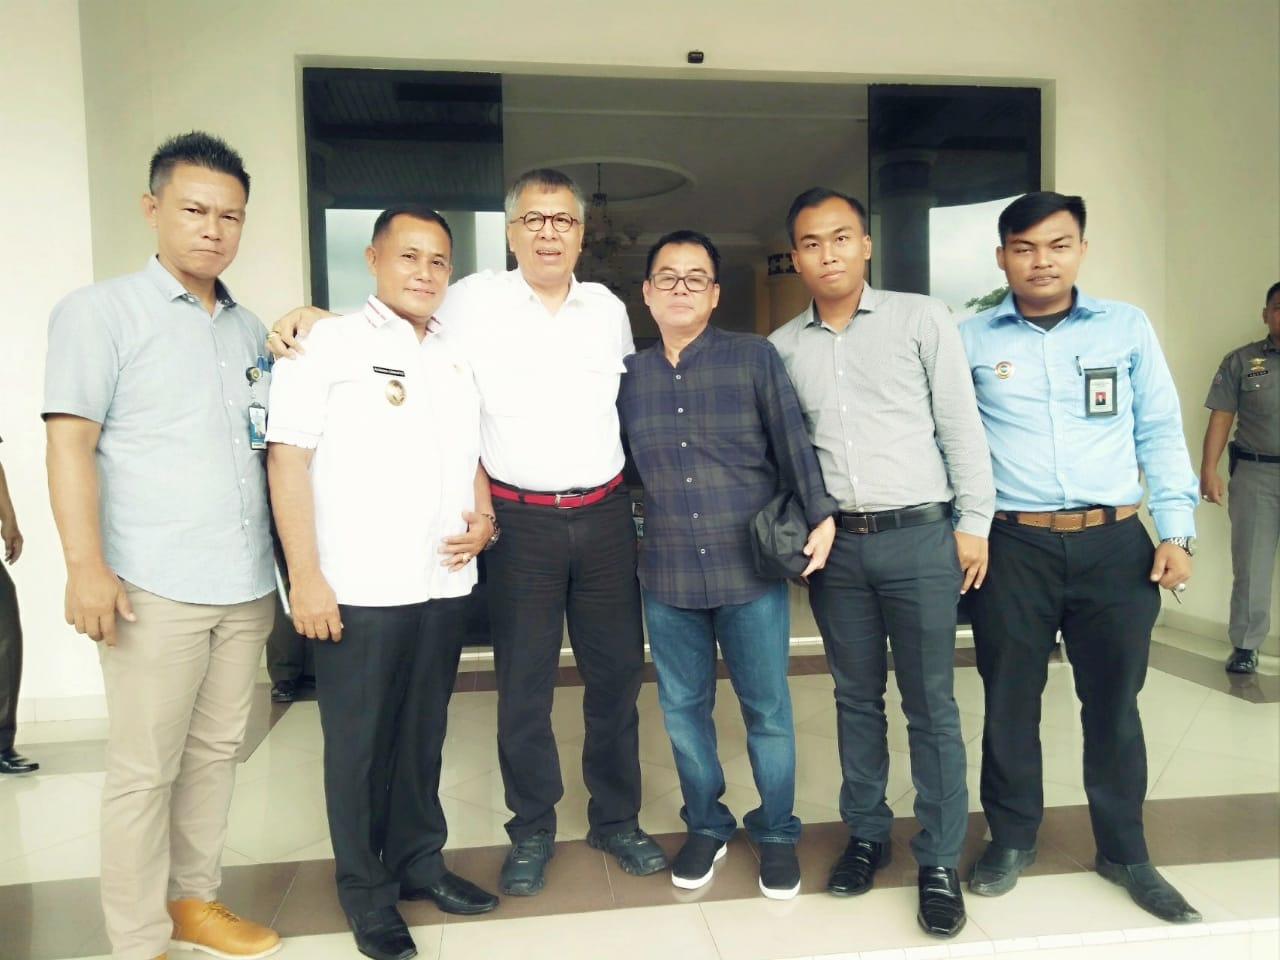 Alzier Silaturahmi Ke Nanang, dan Nyatakan Dukungan Nanang Ermanto Lanjutkan Bupati Lamsel